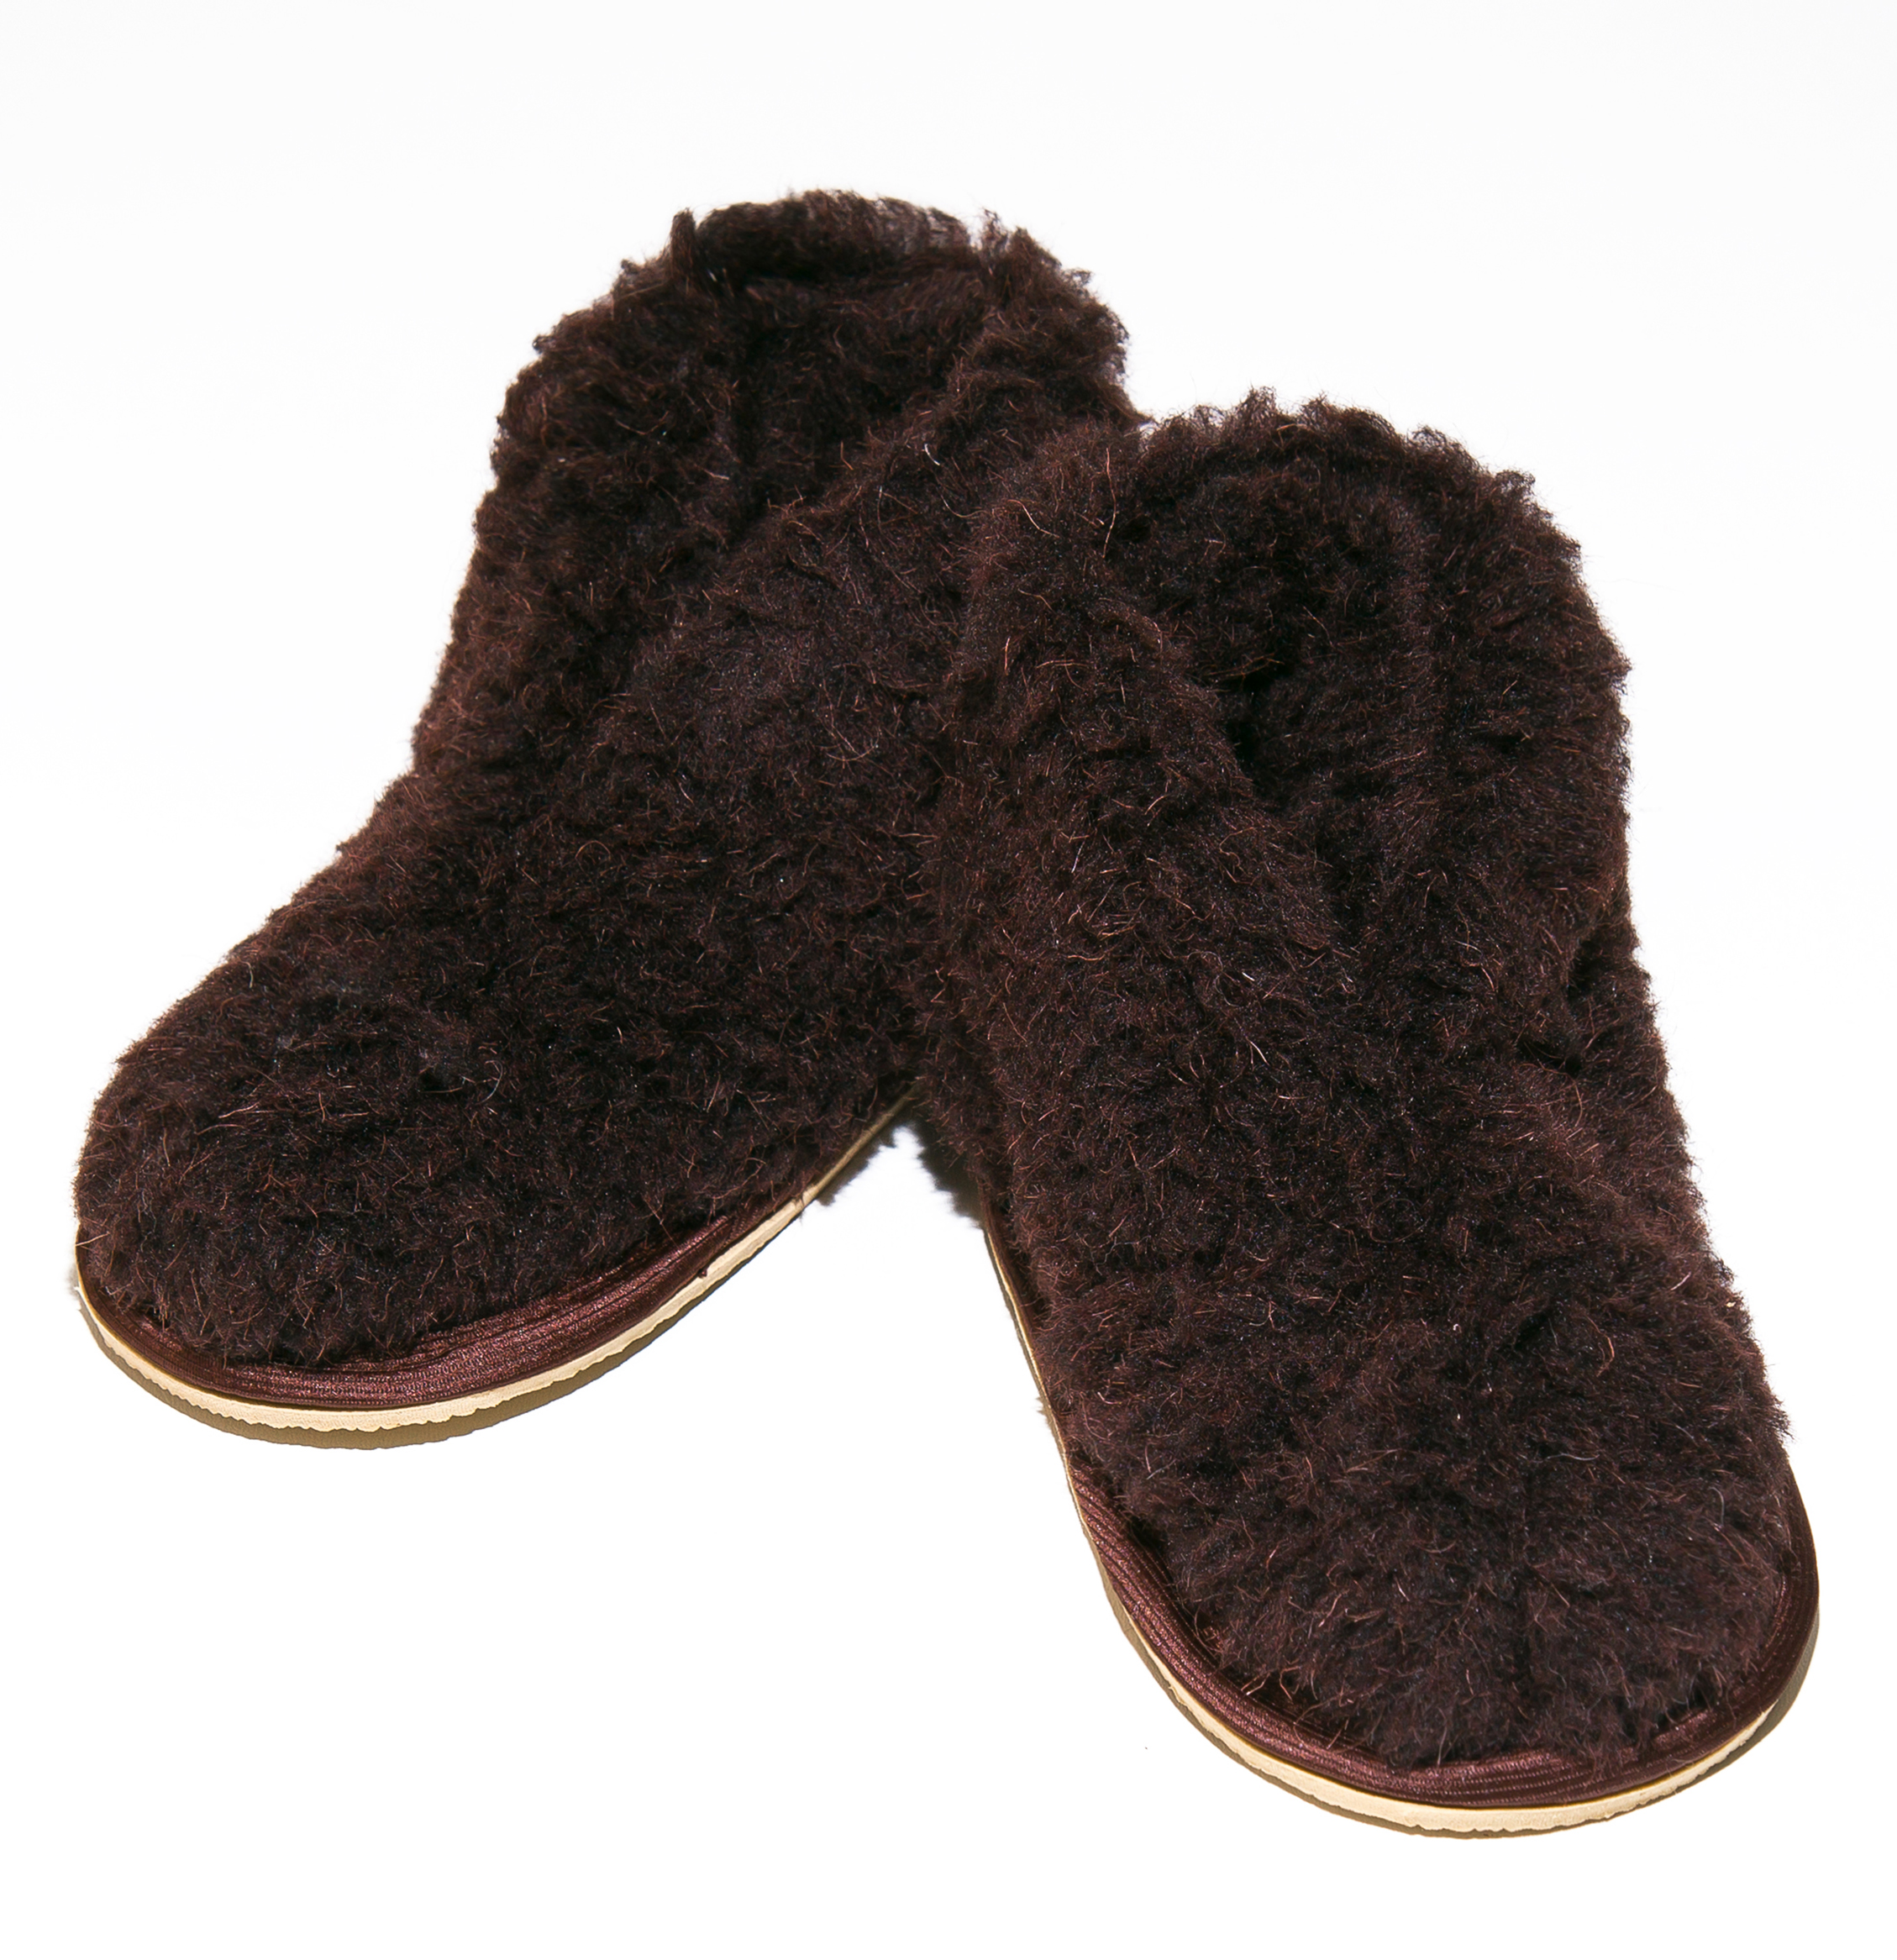 Домашние тапочки женские Smart-Textile Бабуши коричневые 36-37 RU фото